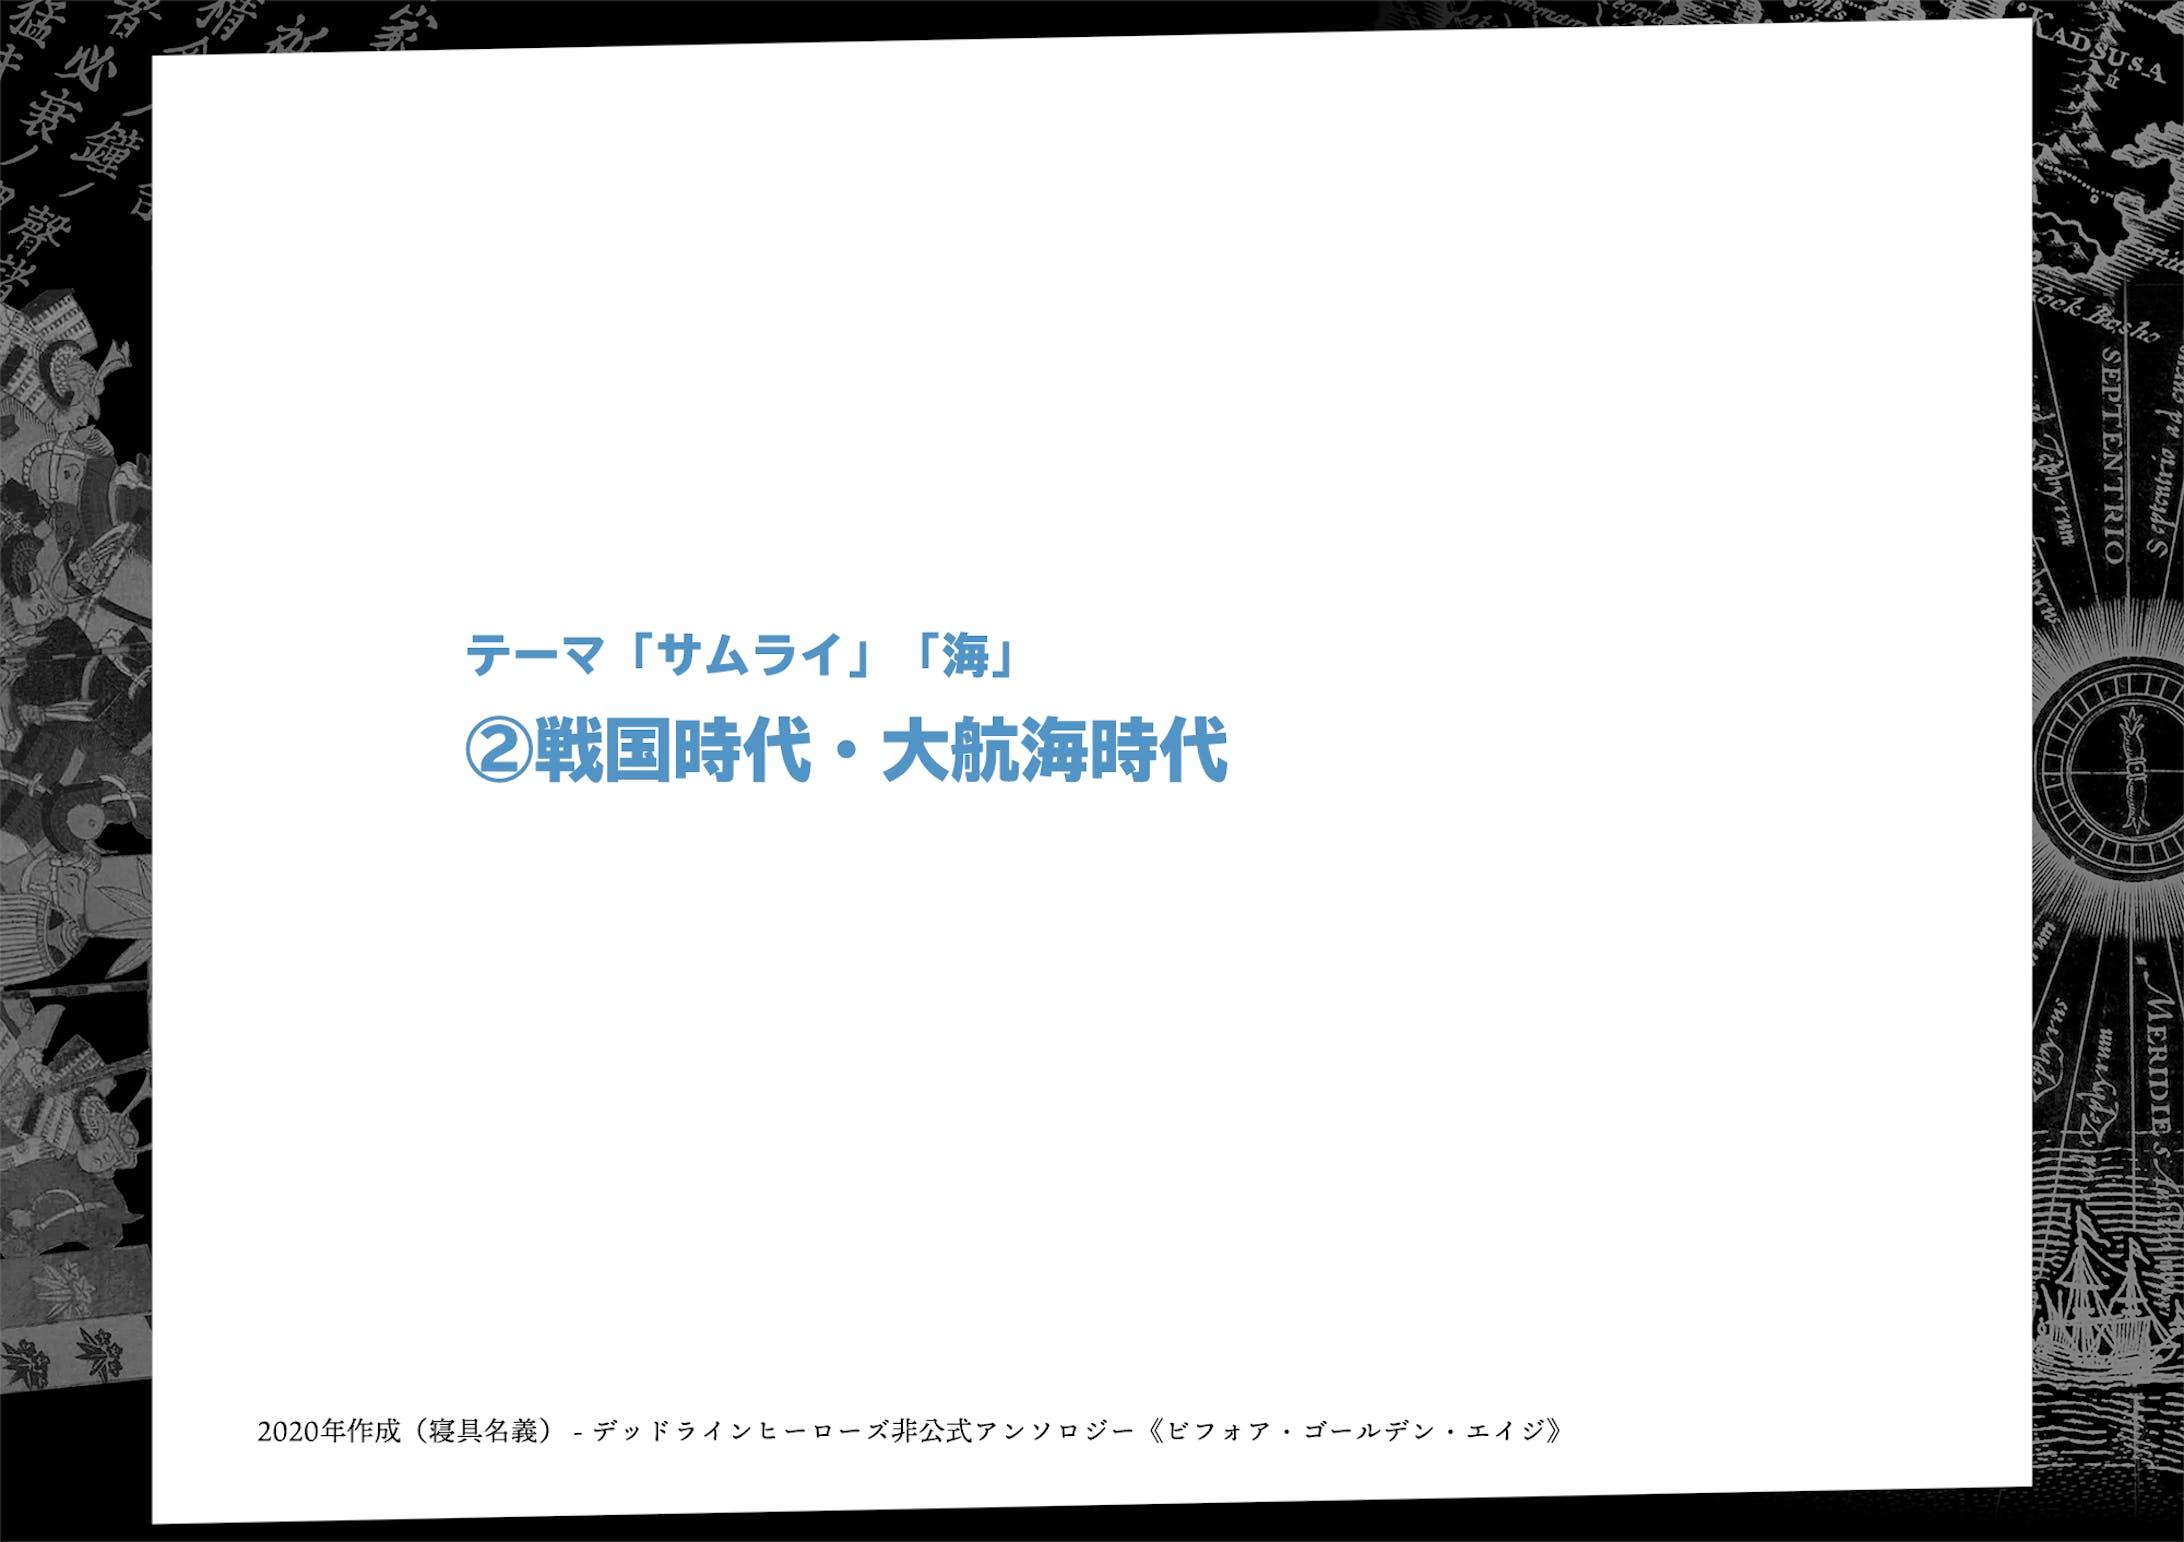 歴史系冊子 余白デザイン-5